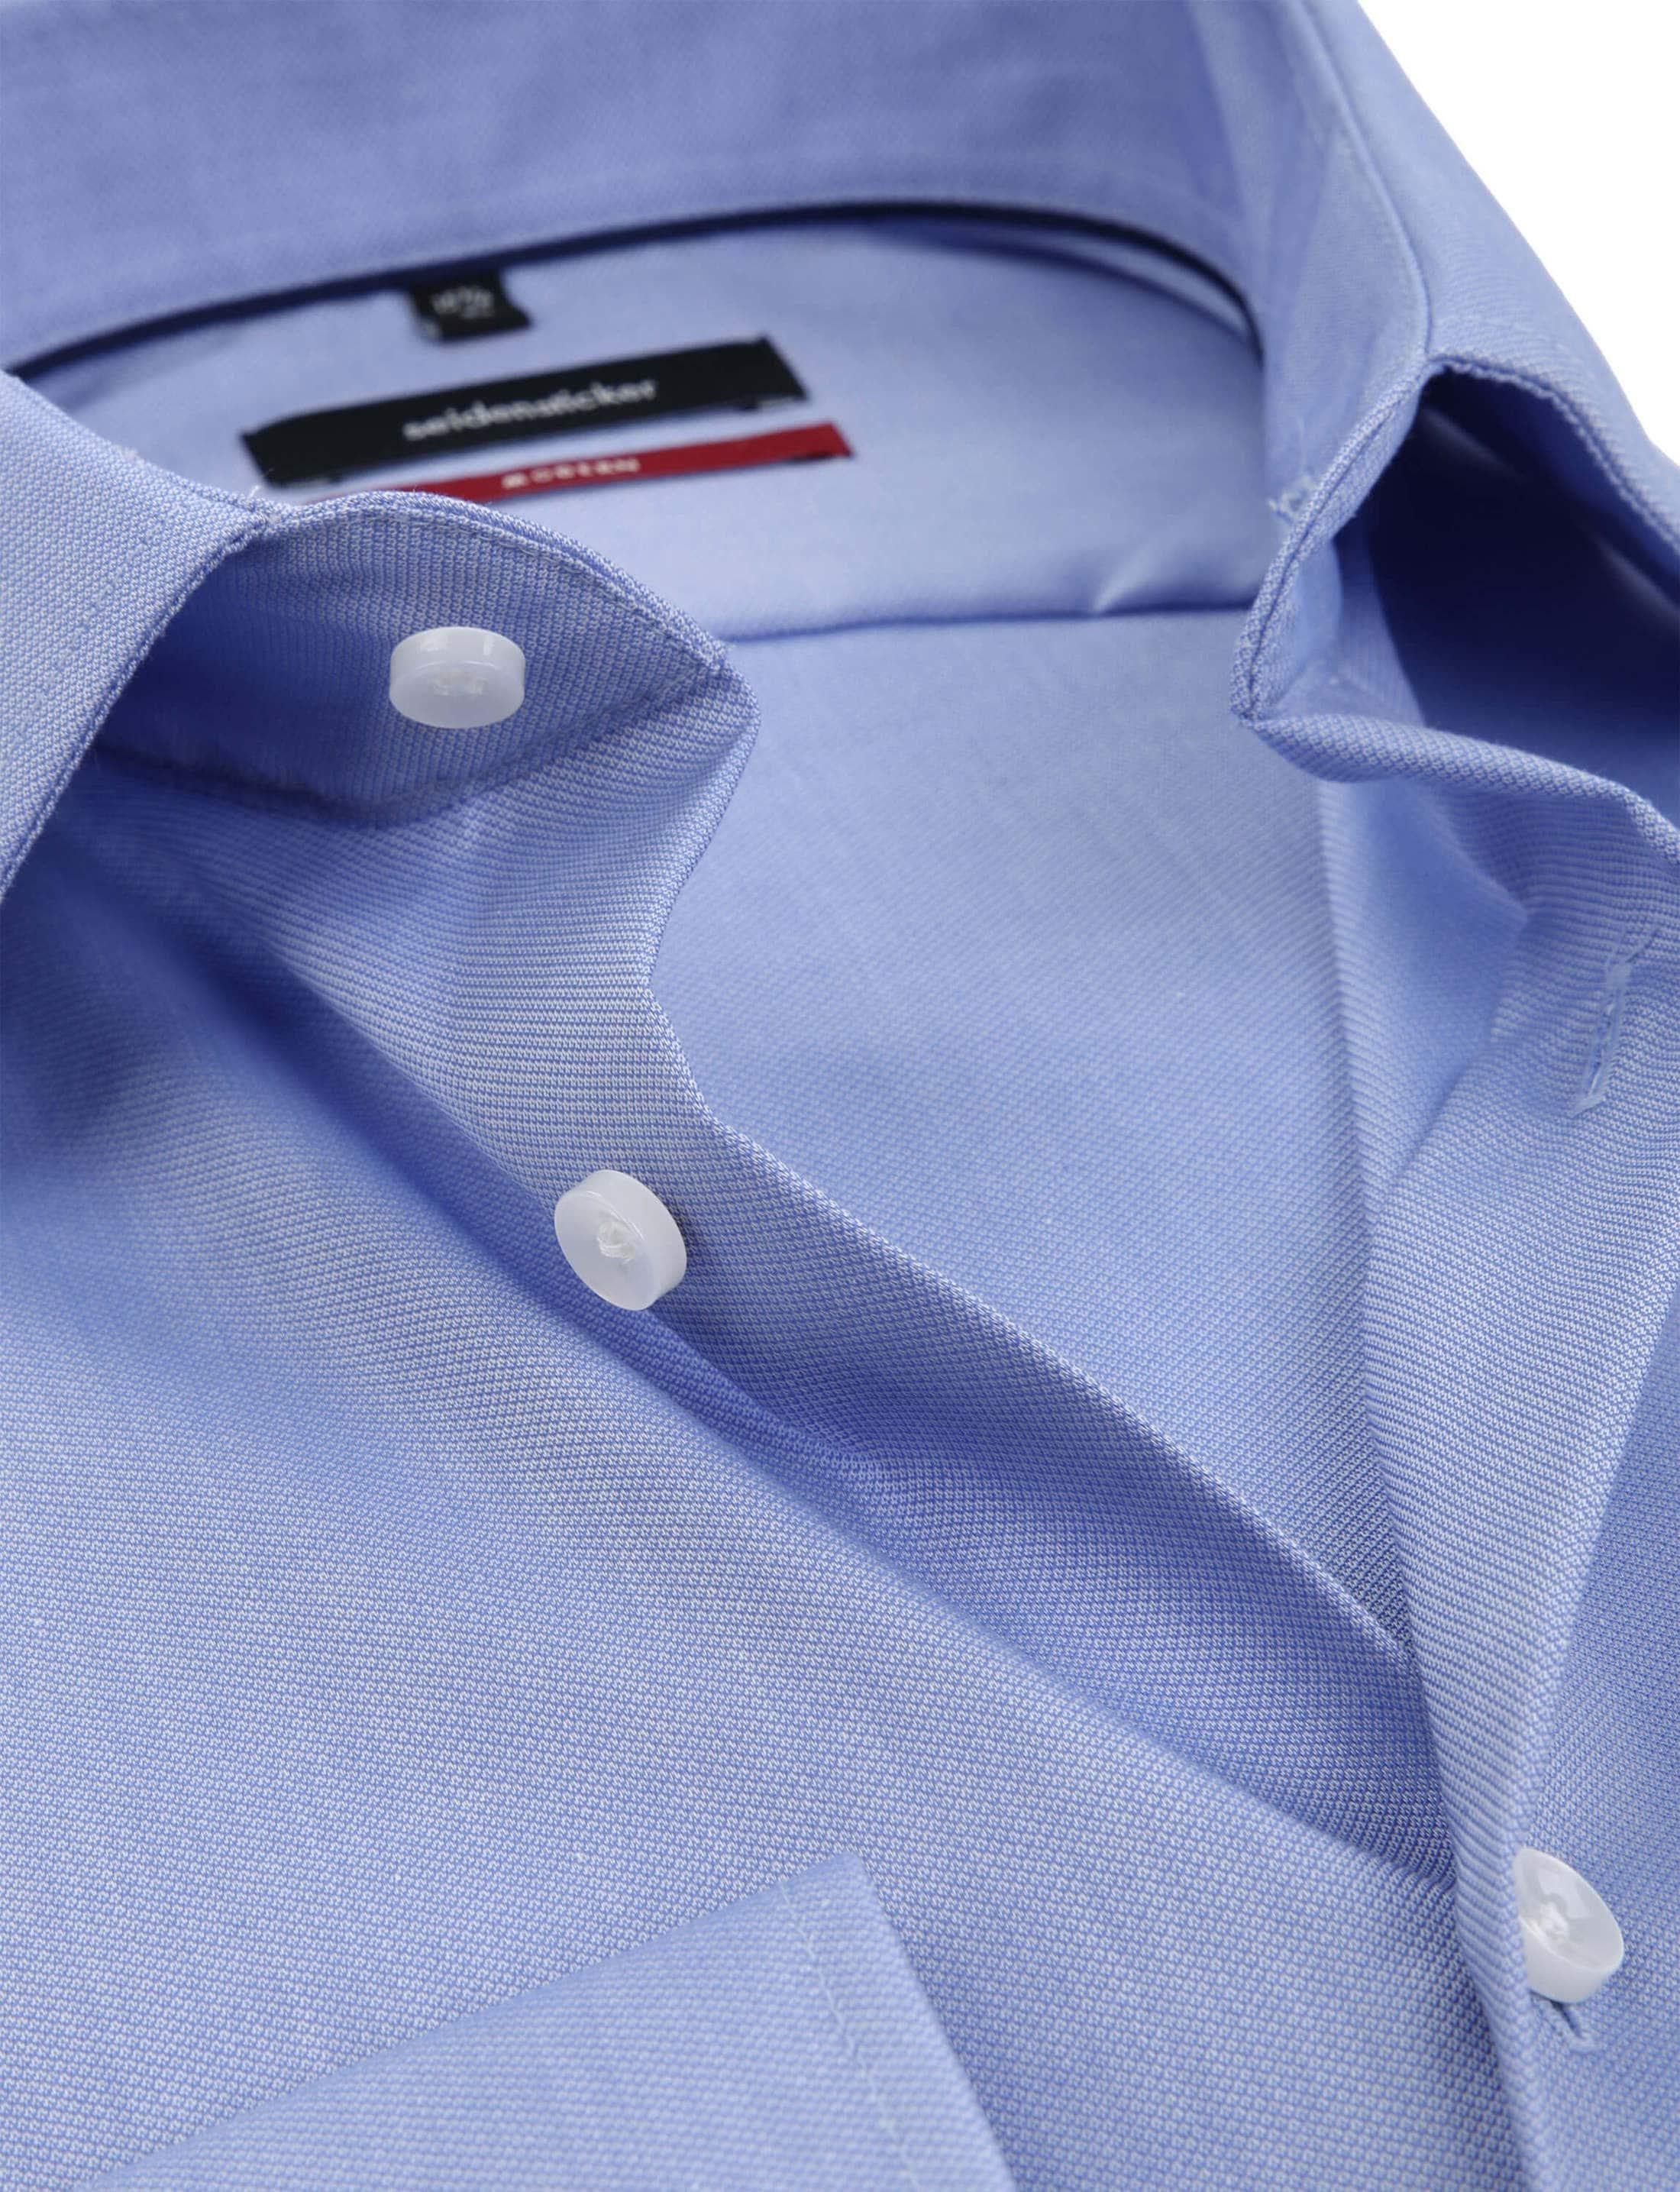 Seidensticker Hemd MF Blau foto 1